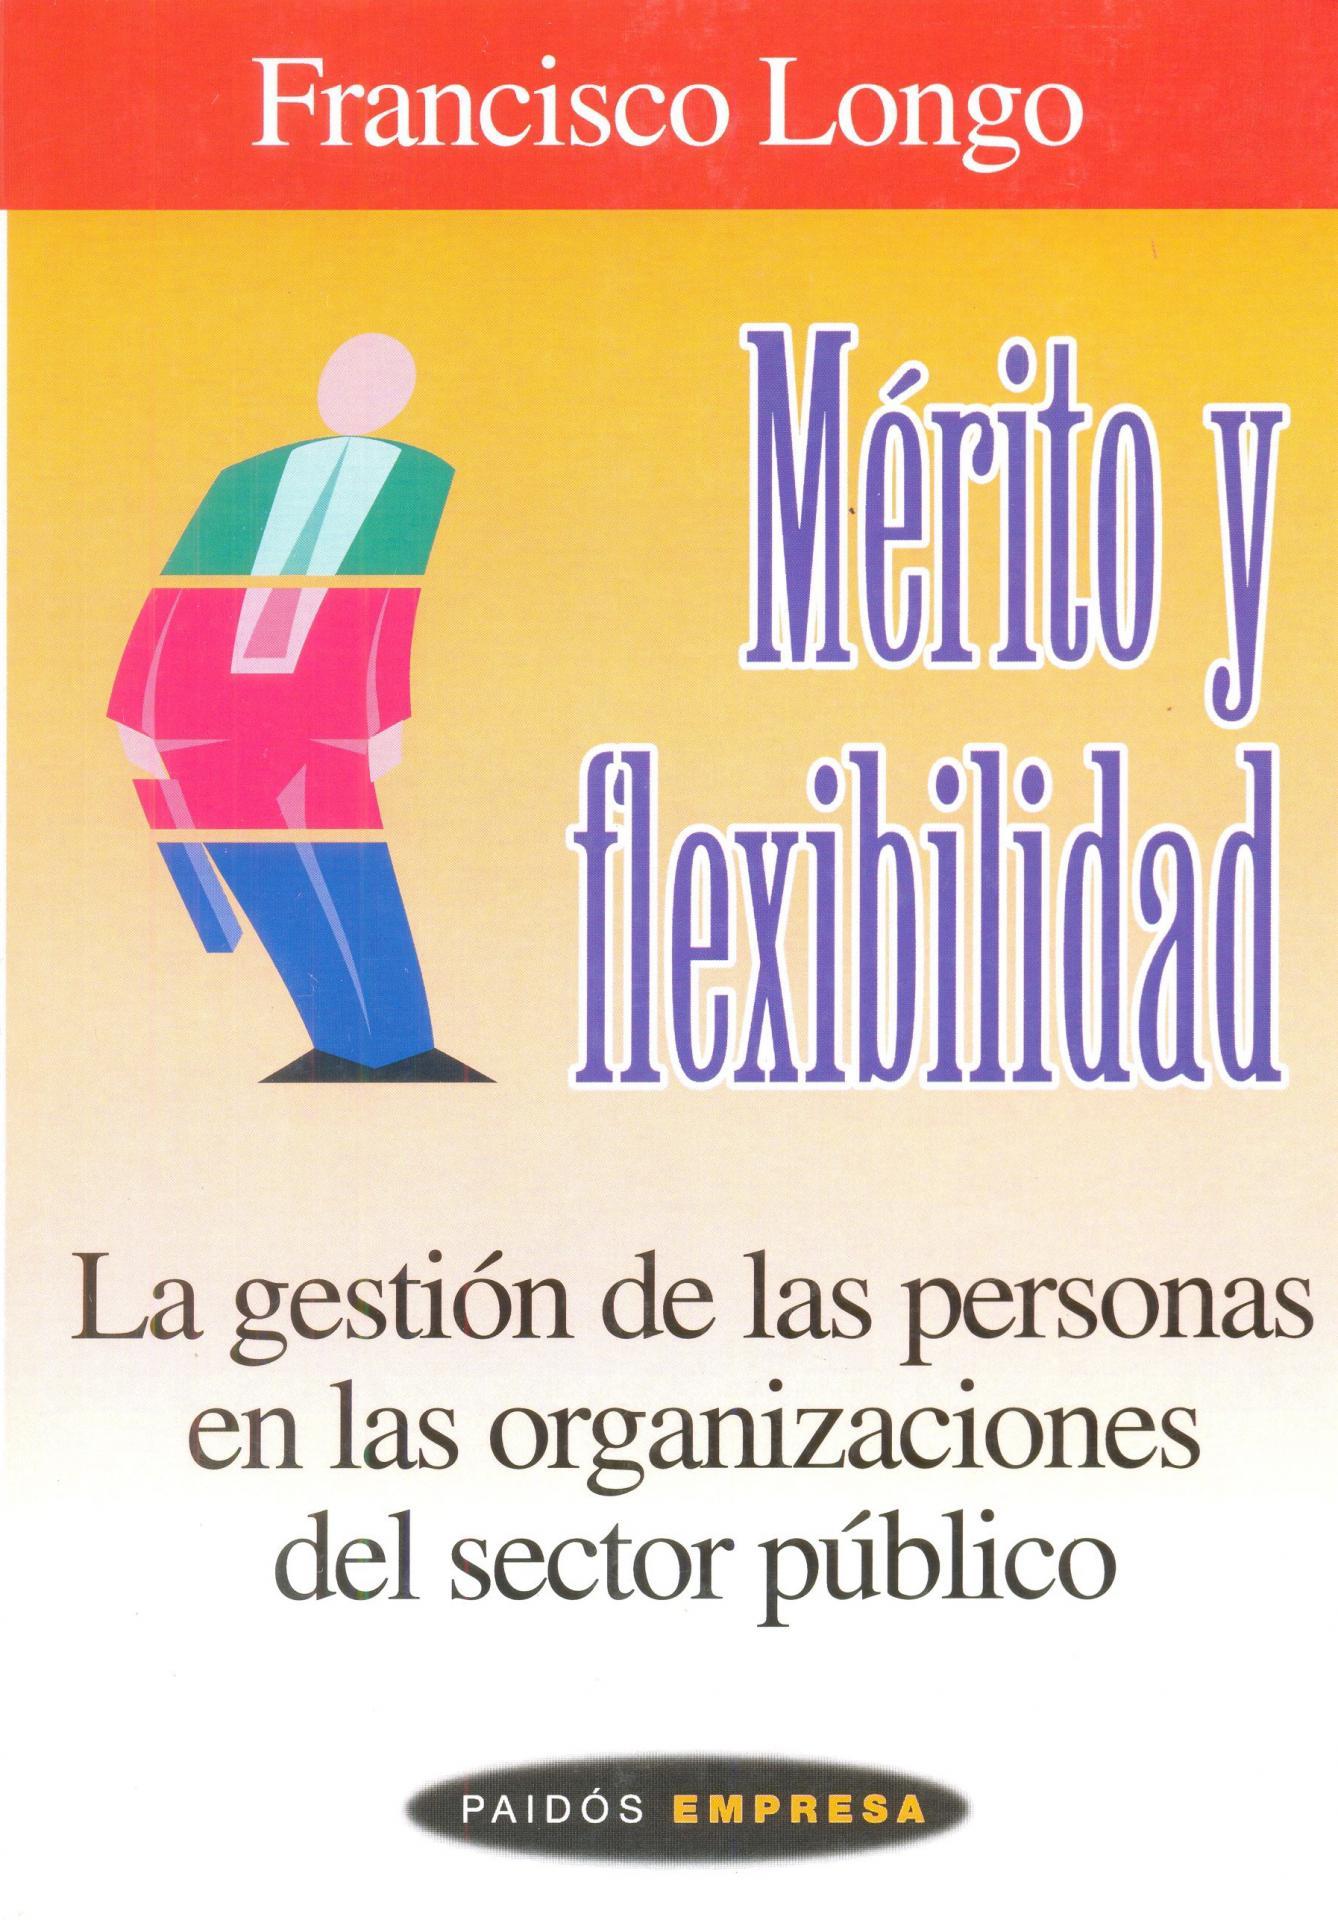 MÉRITO Y FLEXIBILIDAD. La gestión de las personas en las  organizaciones del sector público. Longo, F.